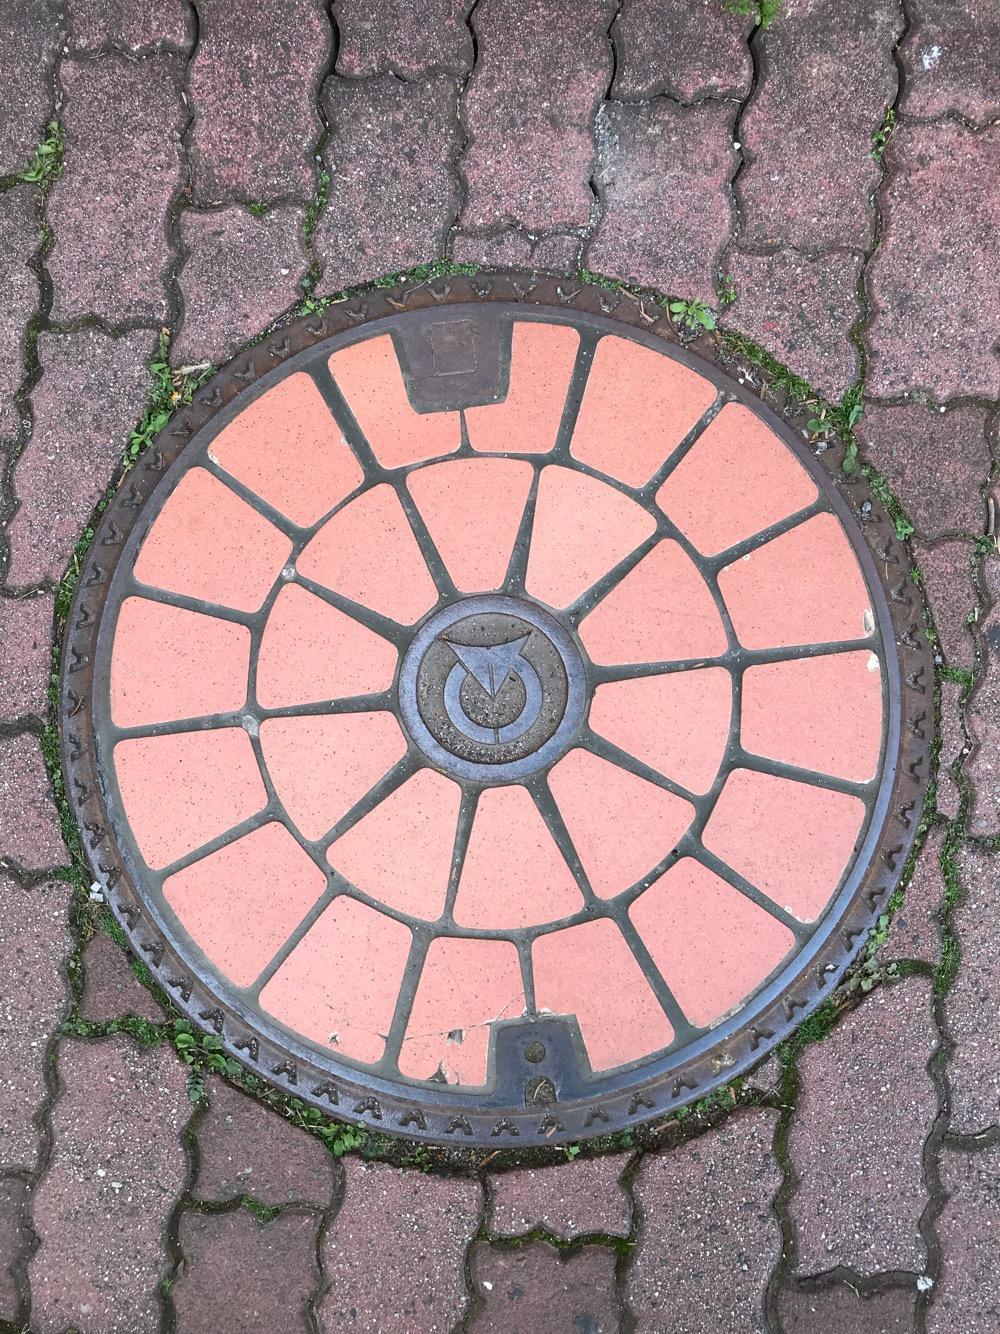 長野県茅野市のマンホールの蓋(タイルの装飾付)